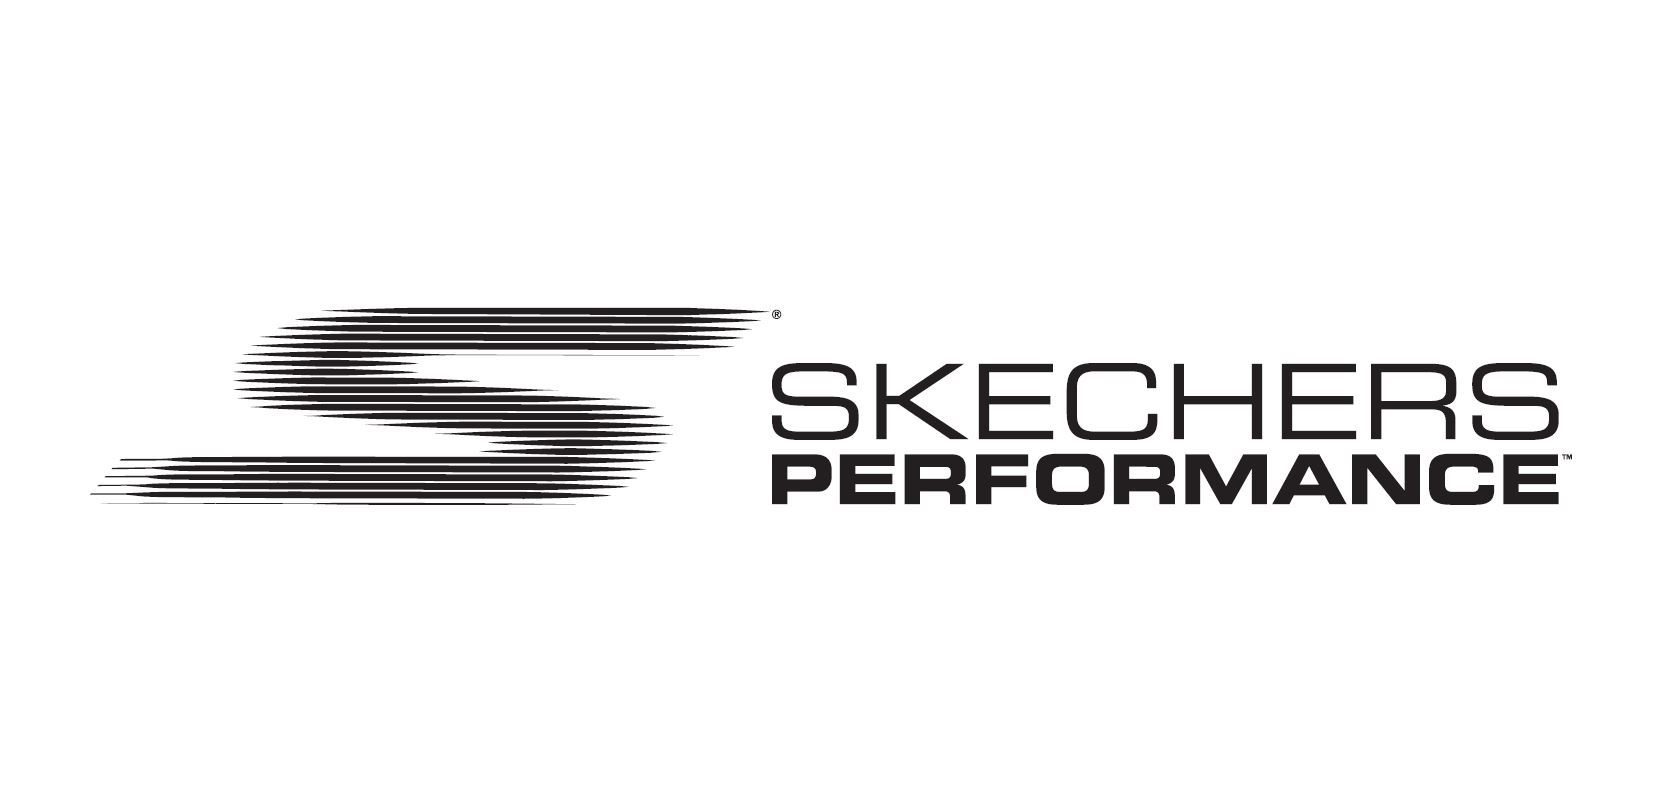 Skechers Athlètes Des Sur L'équipe Au Montent Elite Podium Le De Fc5u3KT1lJ